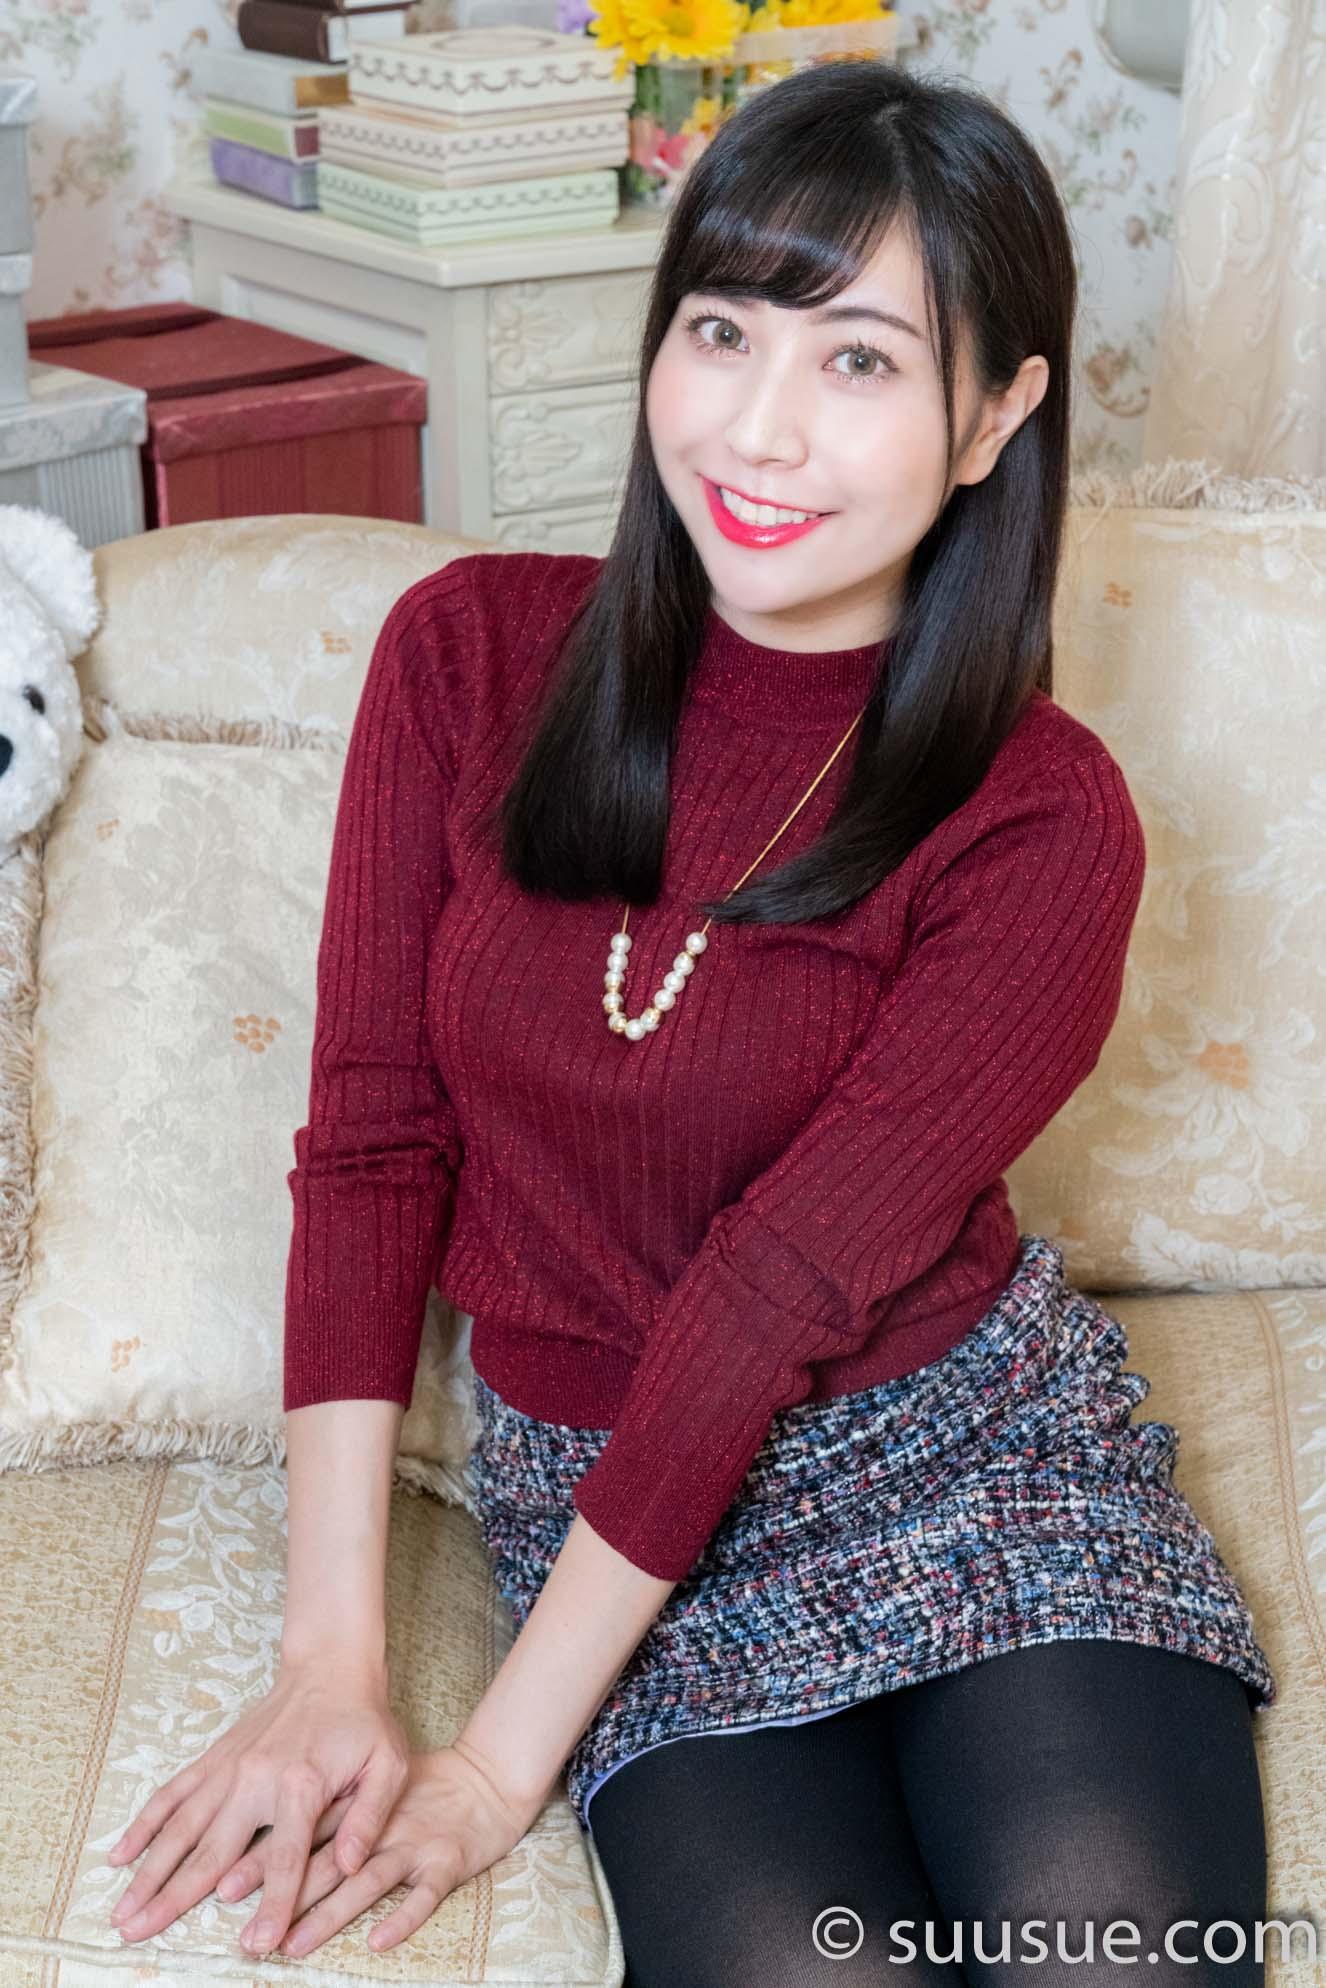 2018/12/22 緑川ちひろ(スタイルコーポレーション撮影会)